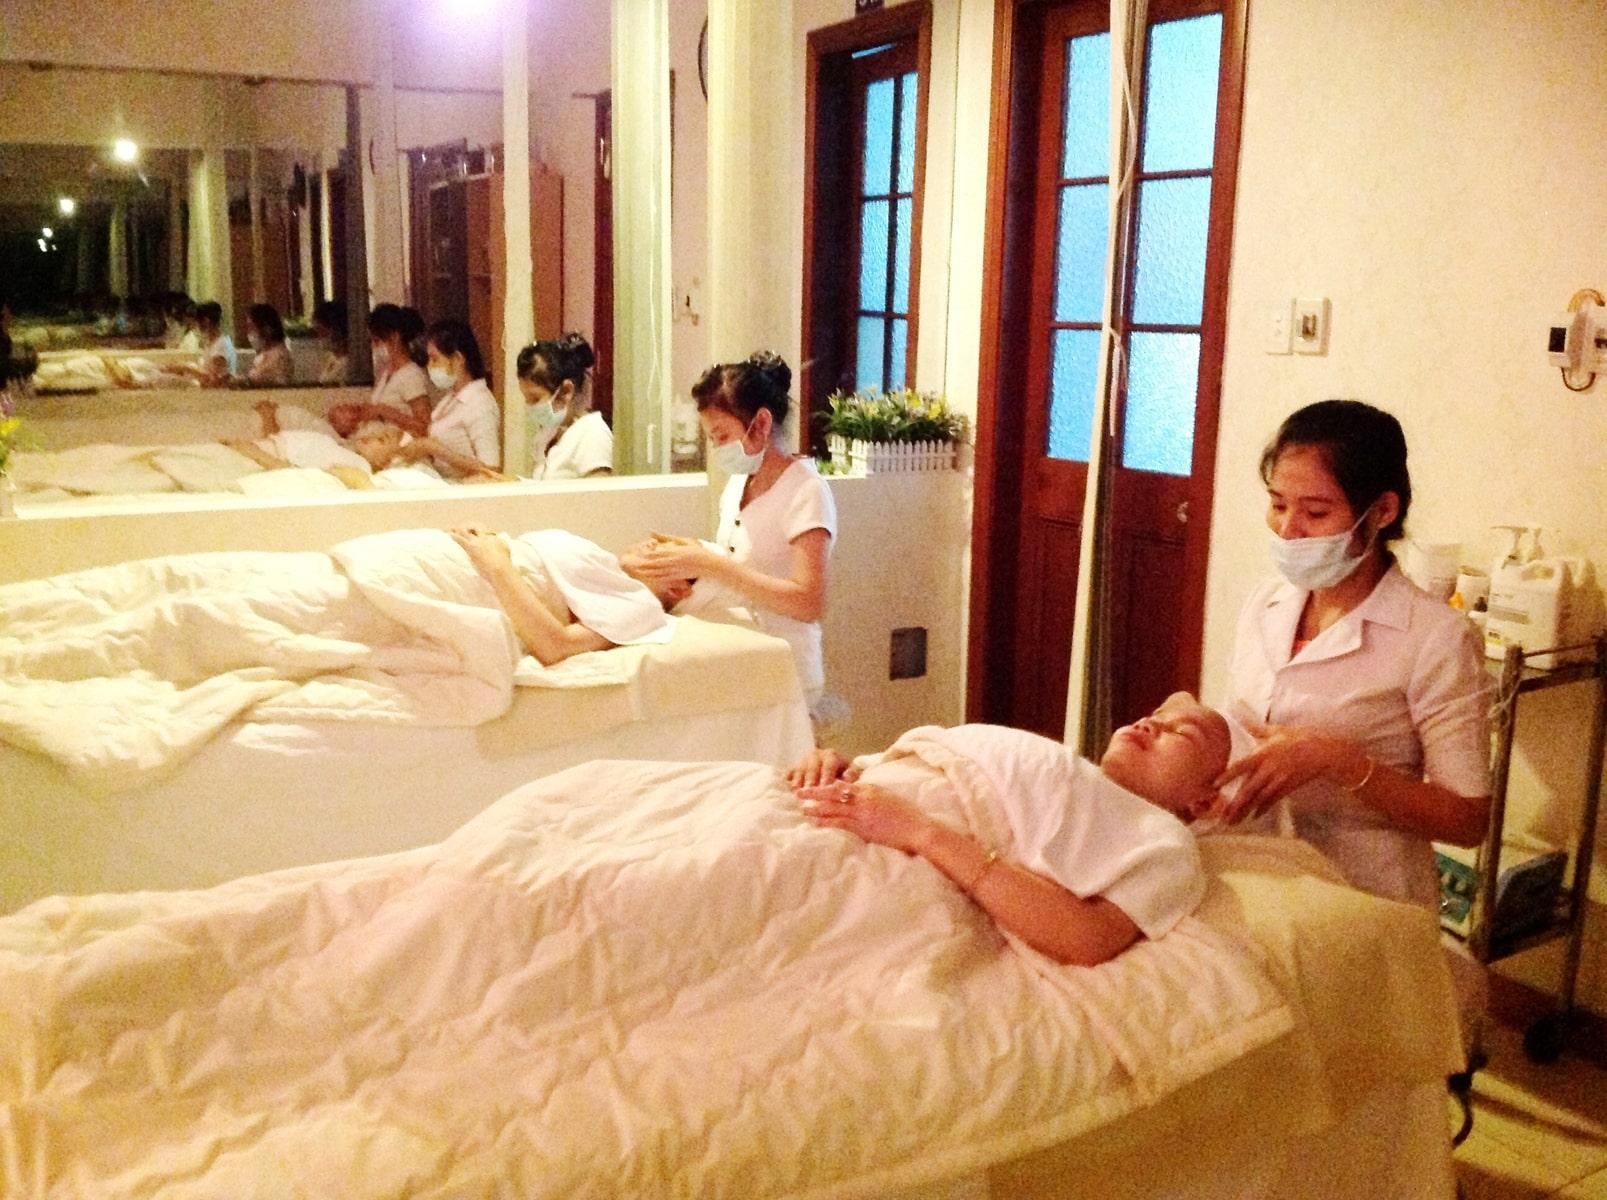 Snow White Spa - Các spa uy tín ở Đà Nẵng